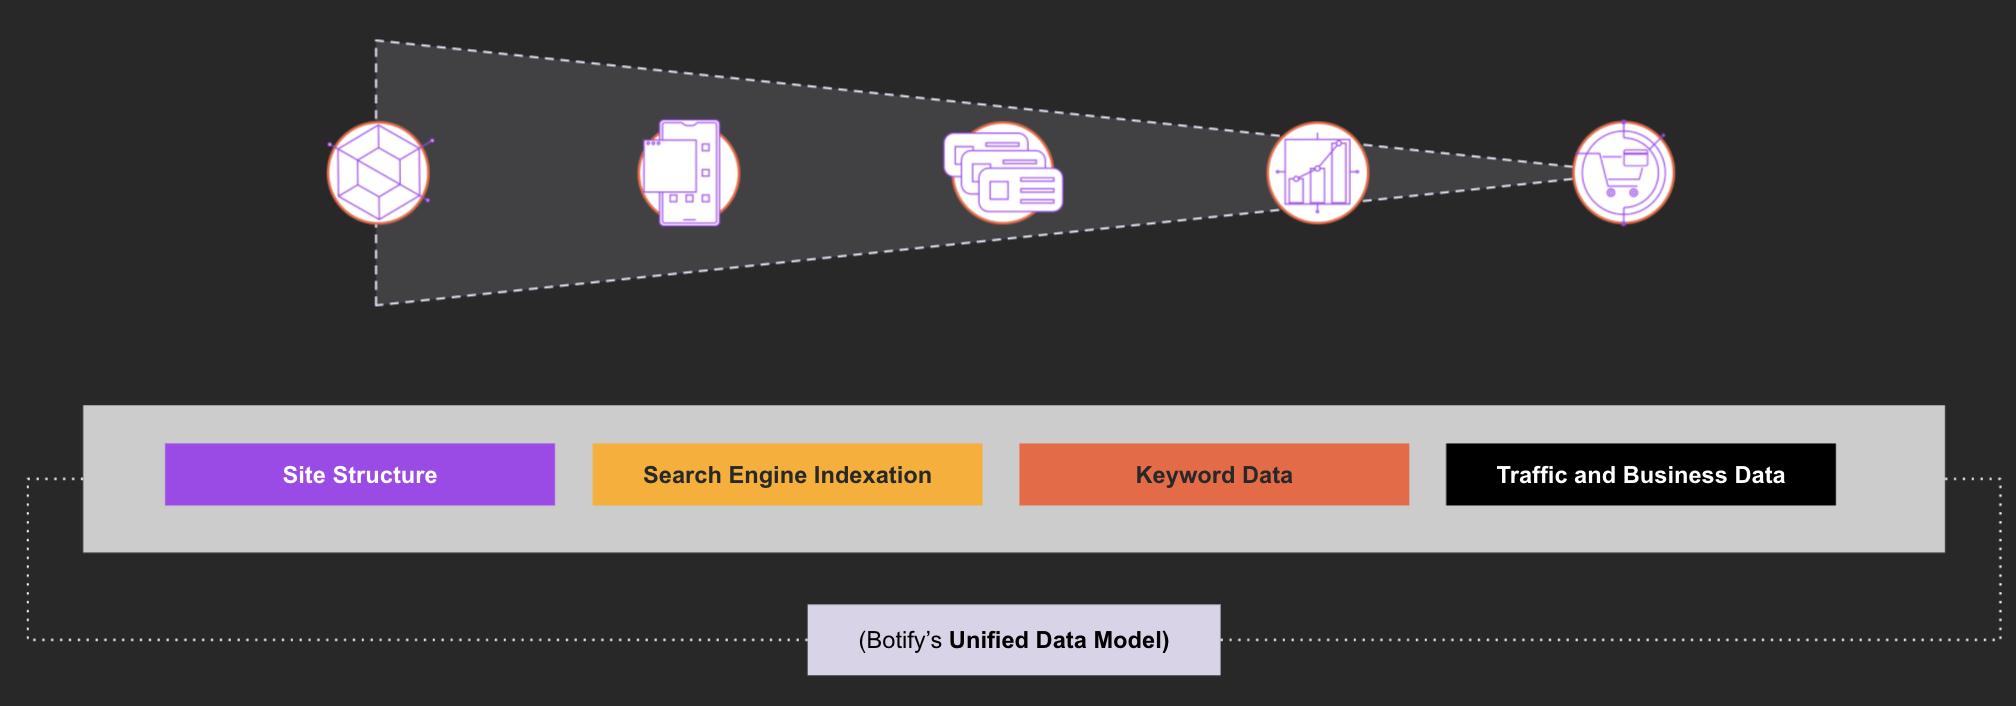 Modelo de datos unificados de Botify